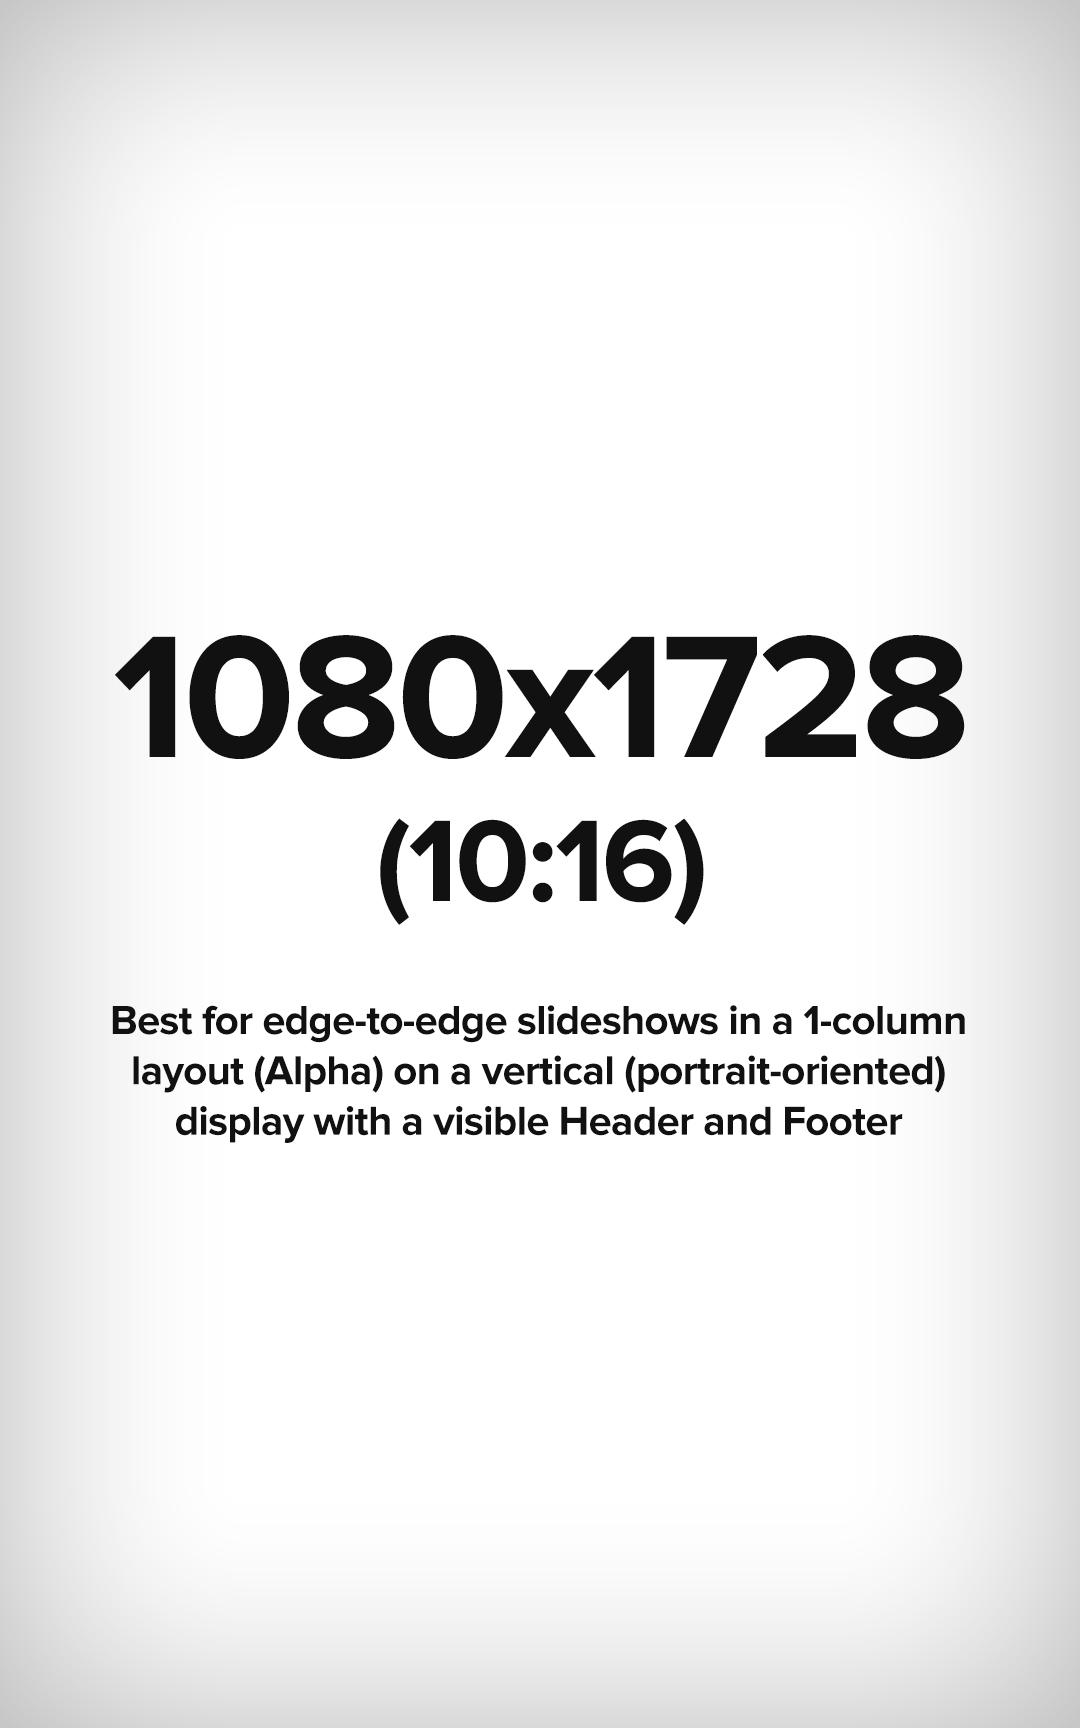 1080x1728 (10:16) Example image